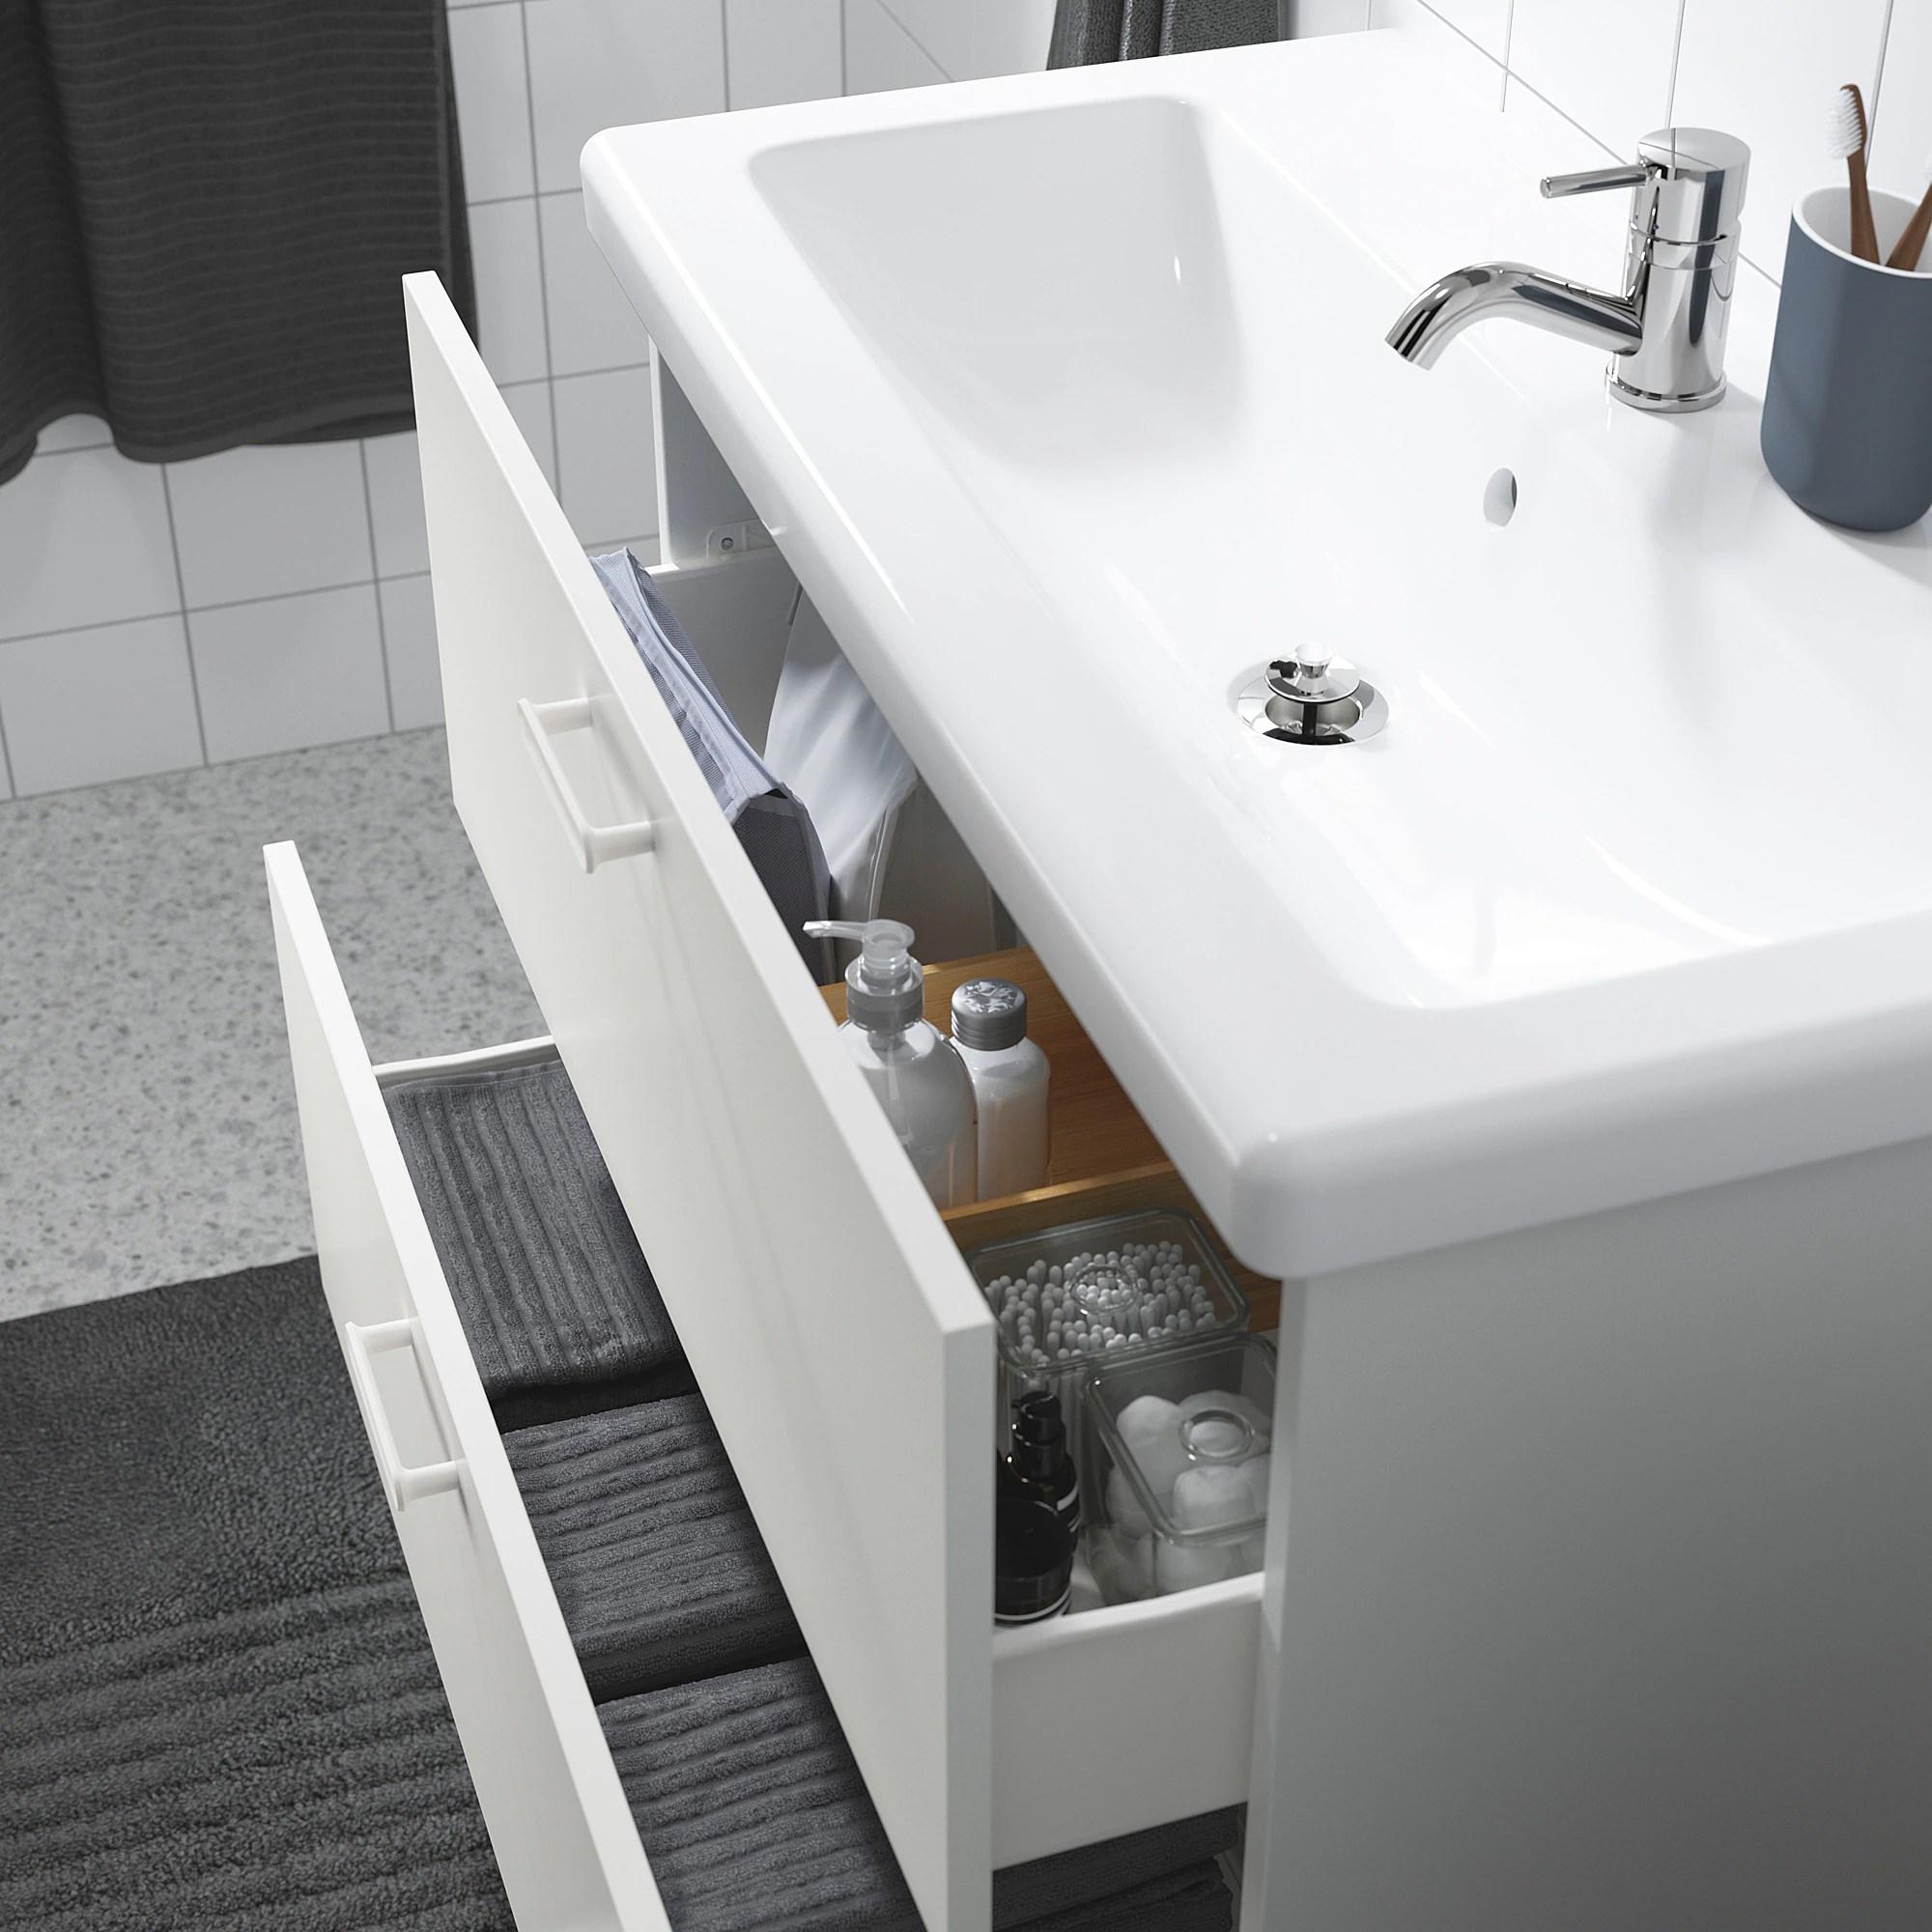 enhet tvallen meuble lavabo 2tir blanc pilkan mitigeur lavabo 84x43x87 cm